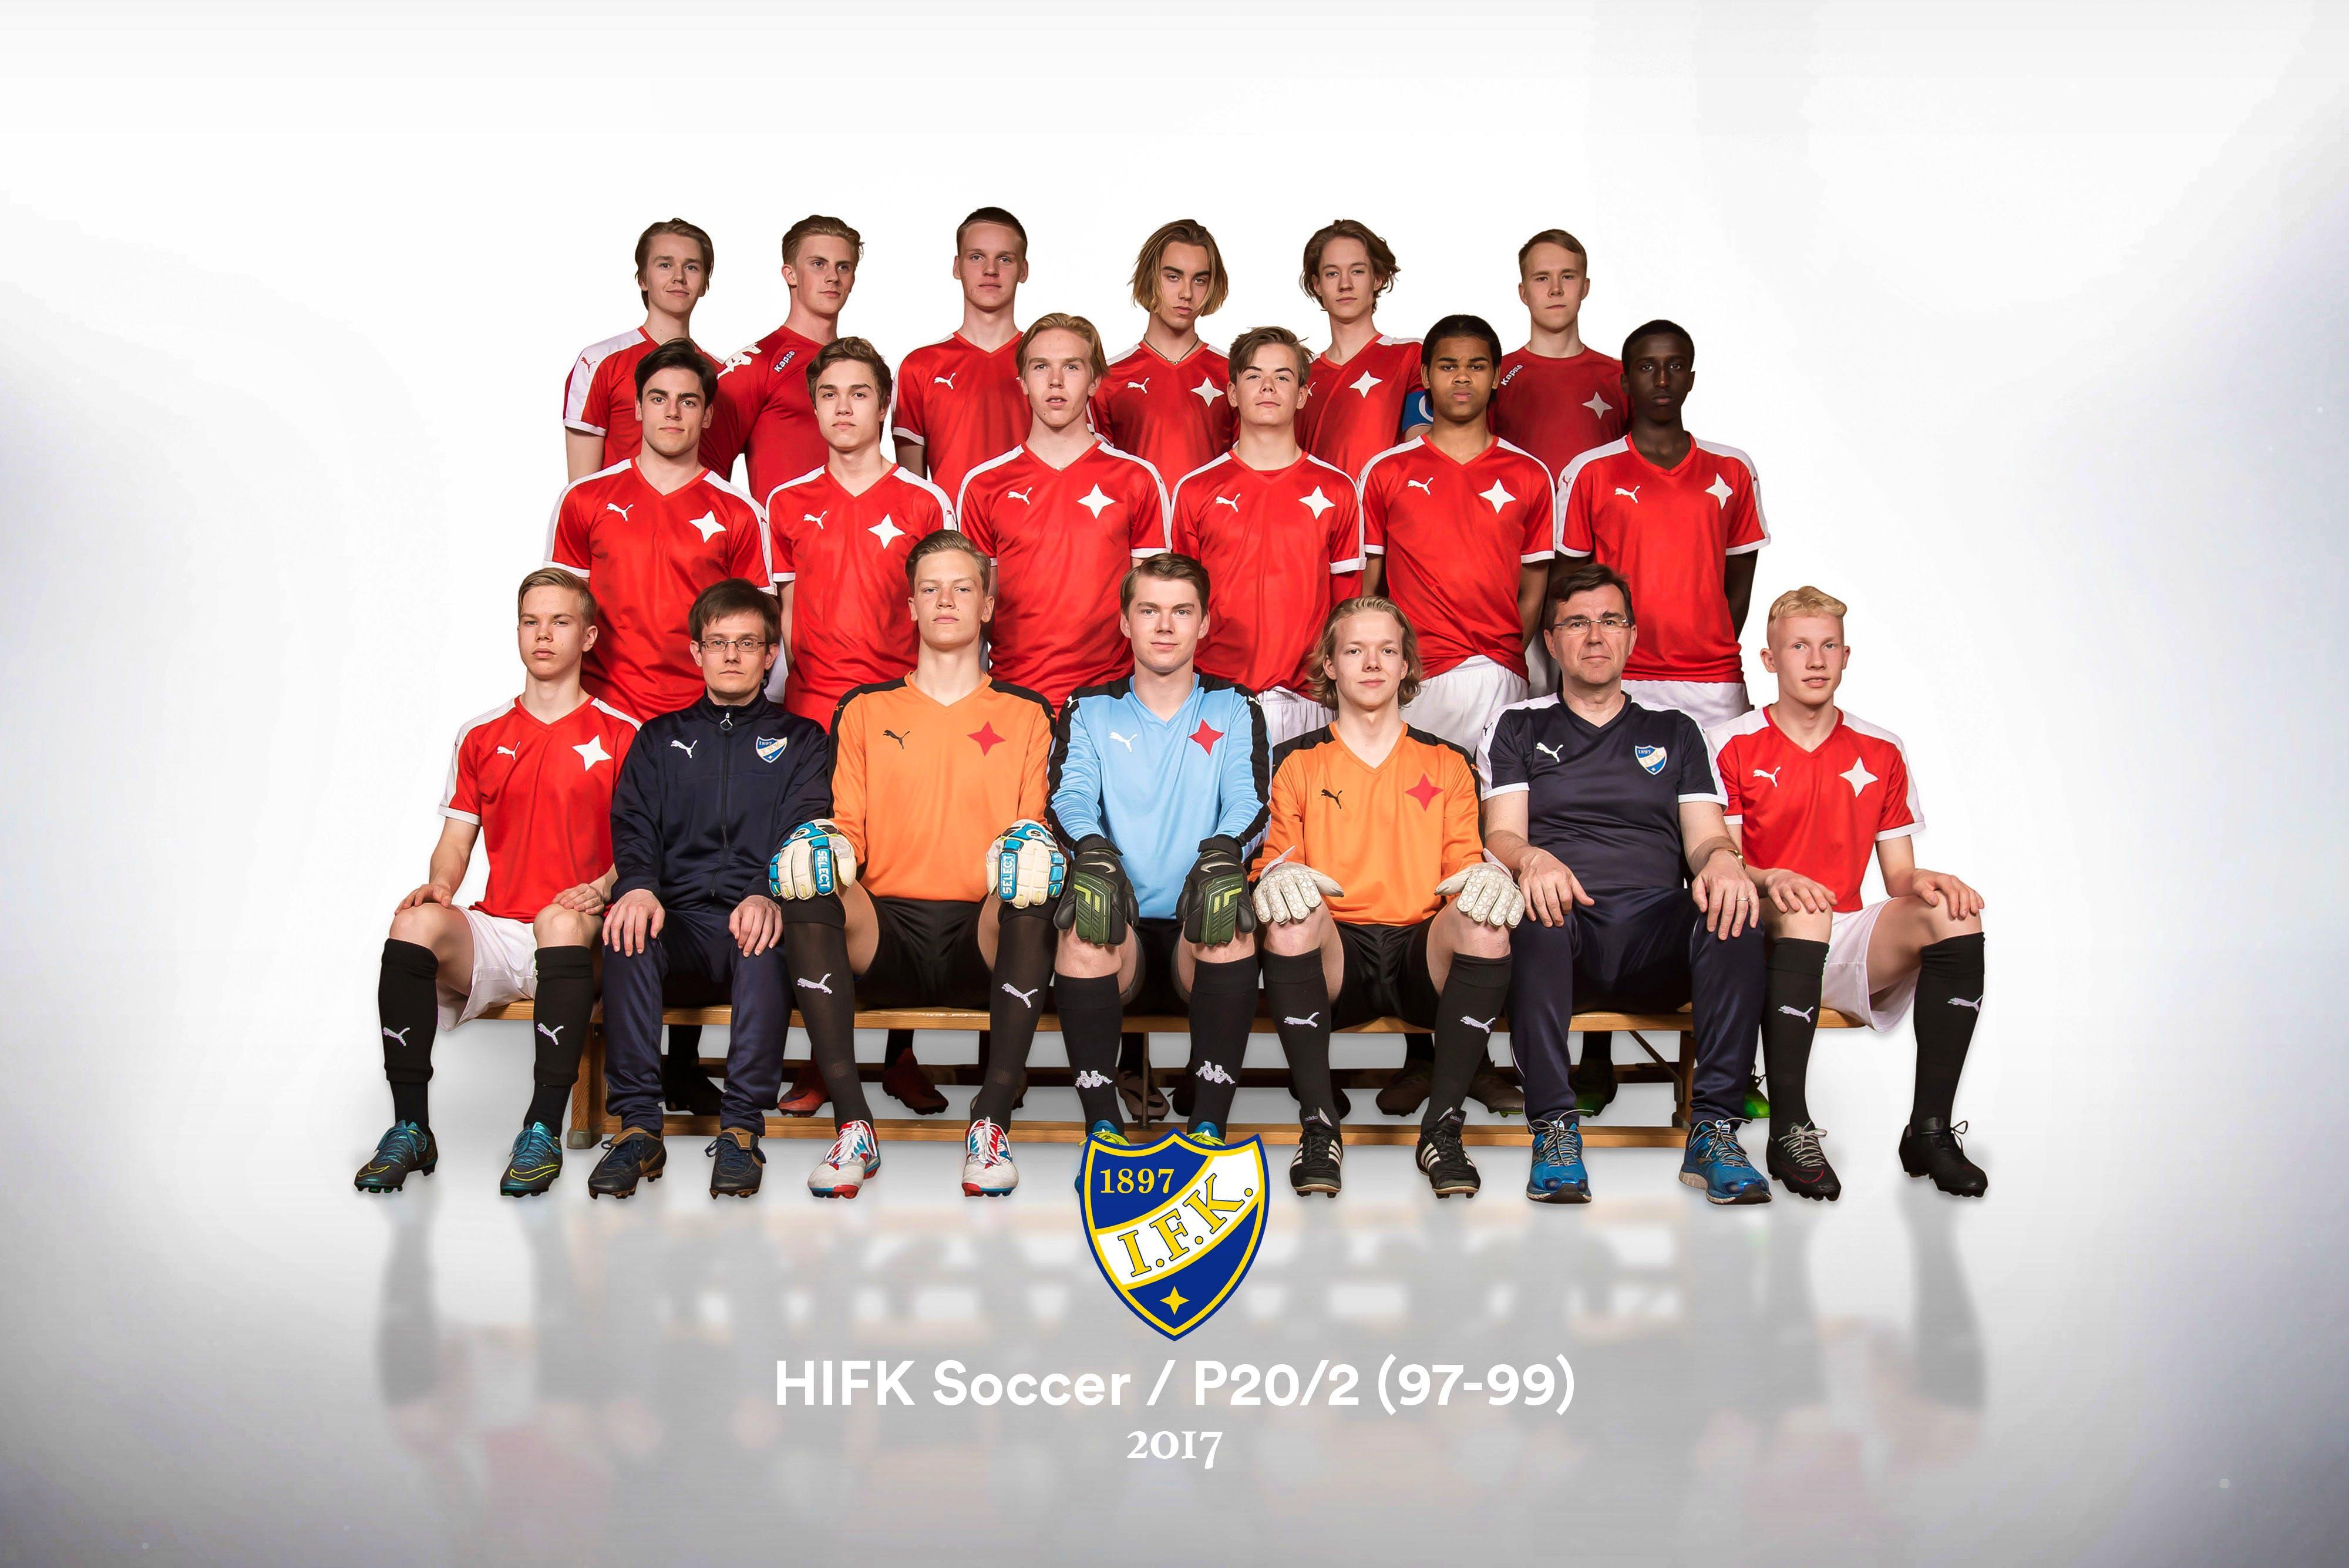 Ota yhteyttä jos haet uutta joukkuetta itsellesi! HIFK P20 Kolmonen  joukkueen ... 9d27ff259c6c3